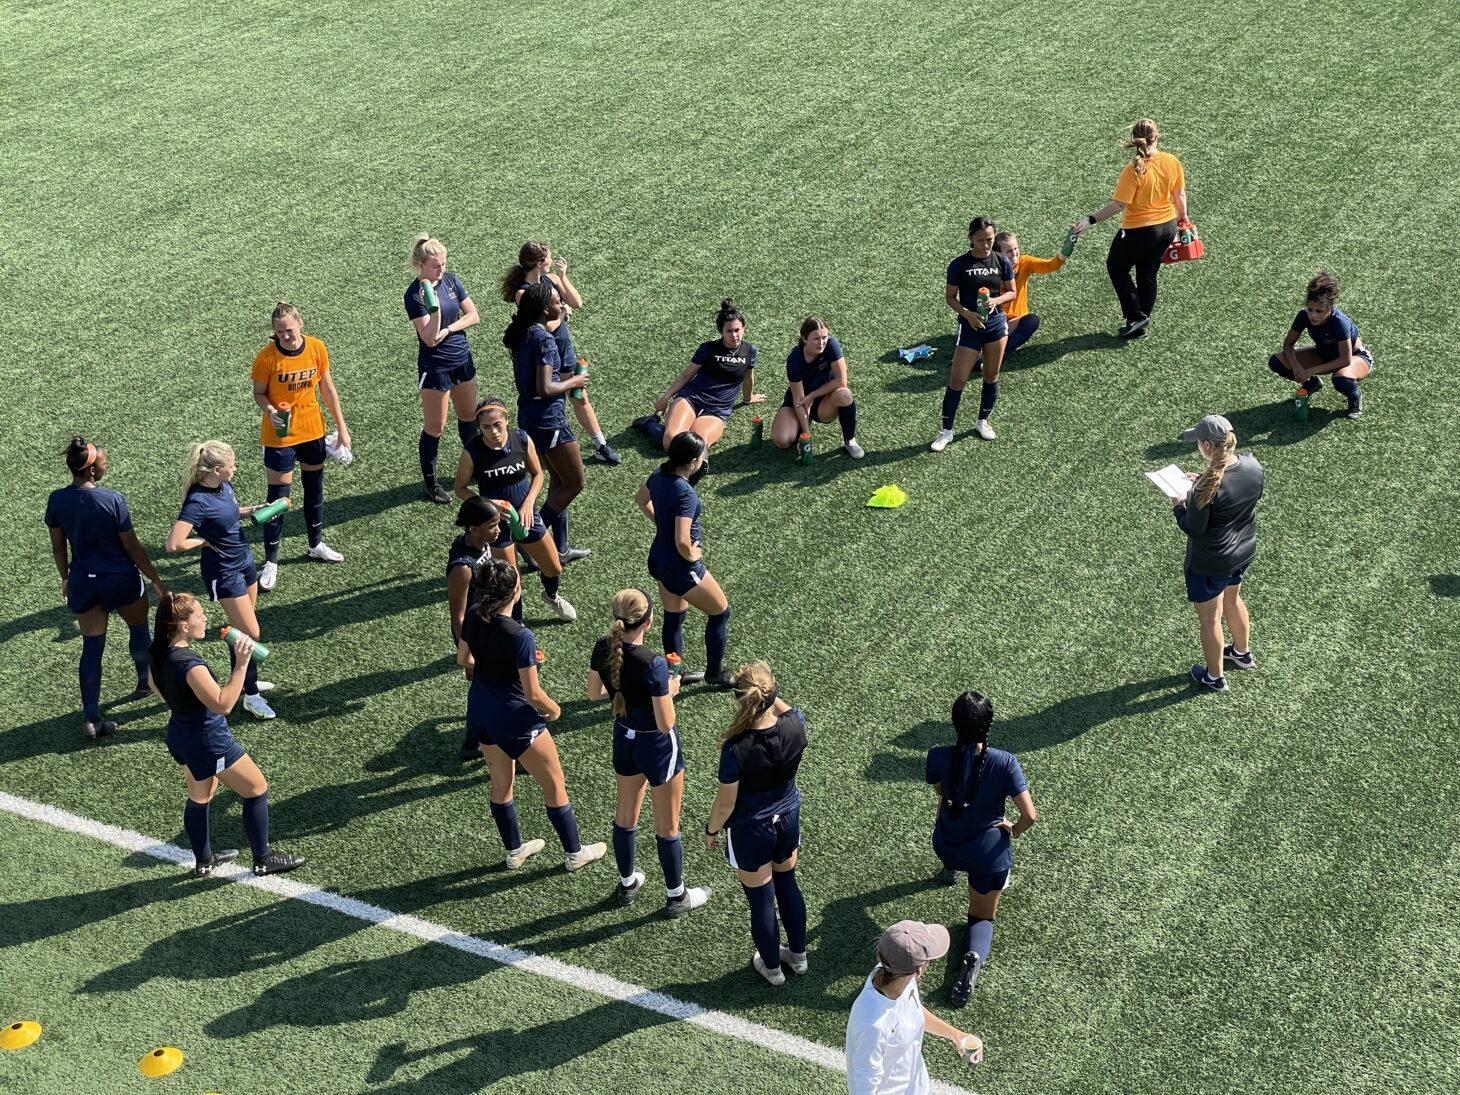 Photo courtesy UTEP Athletics